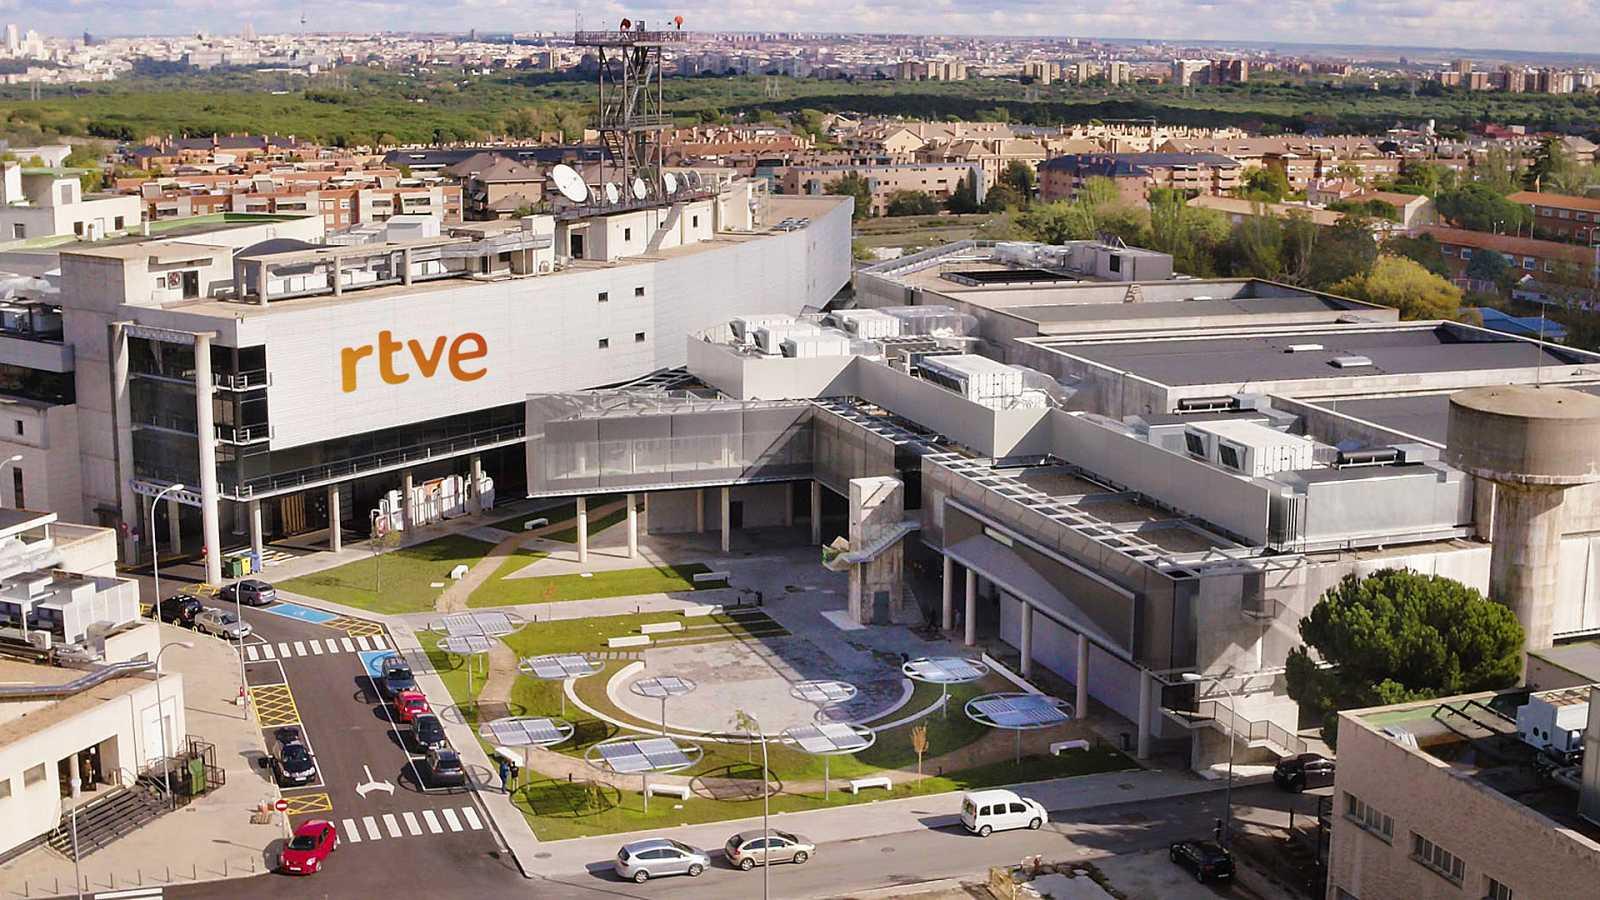 RTVE, Prado del Rey